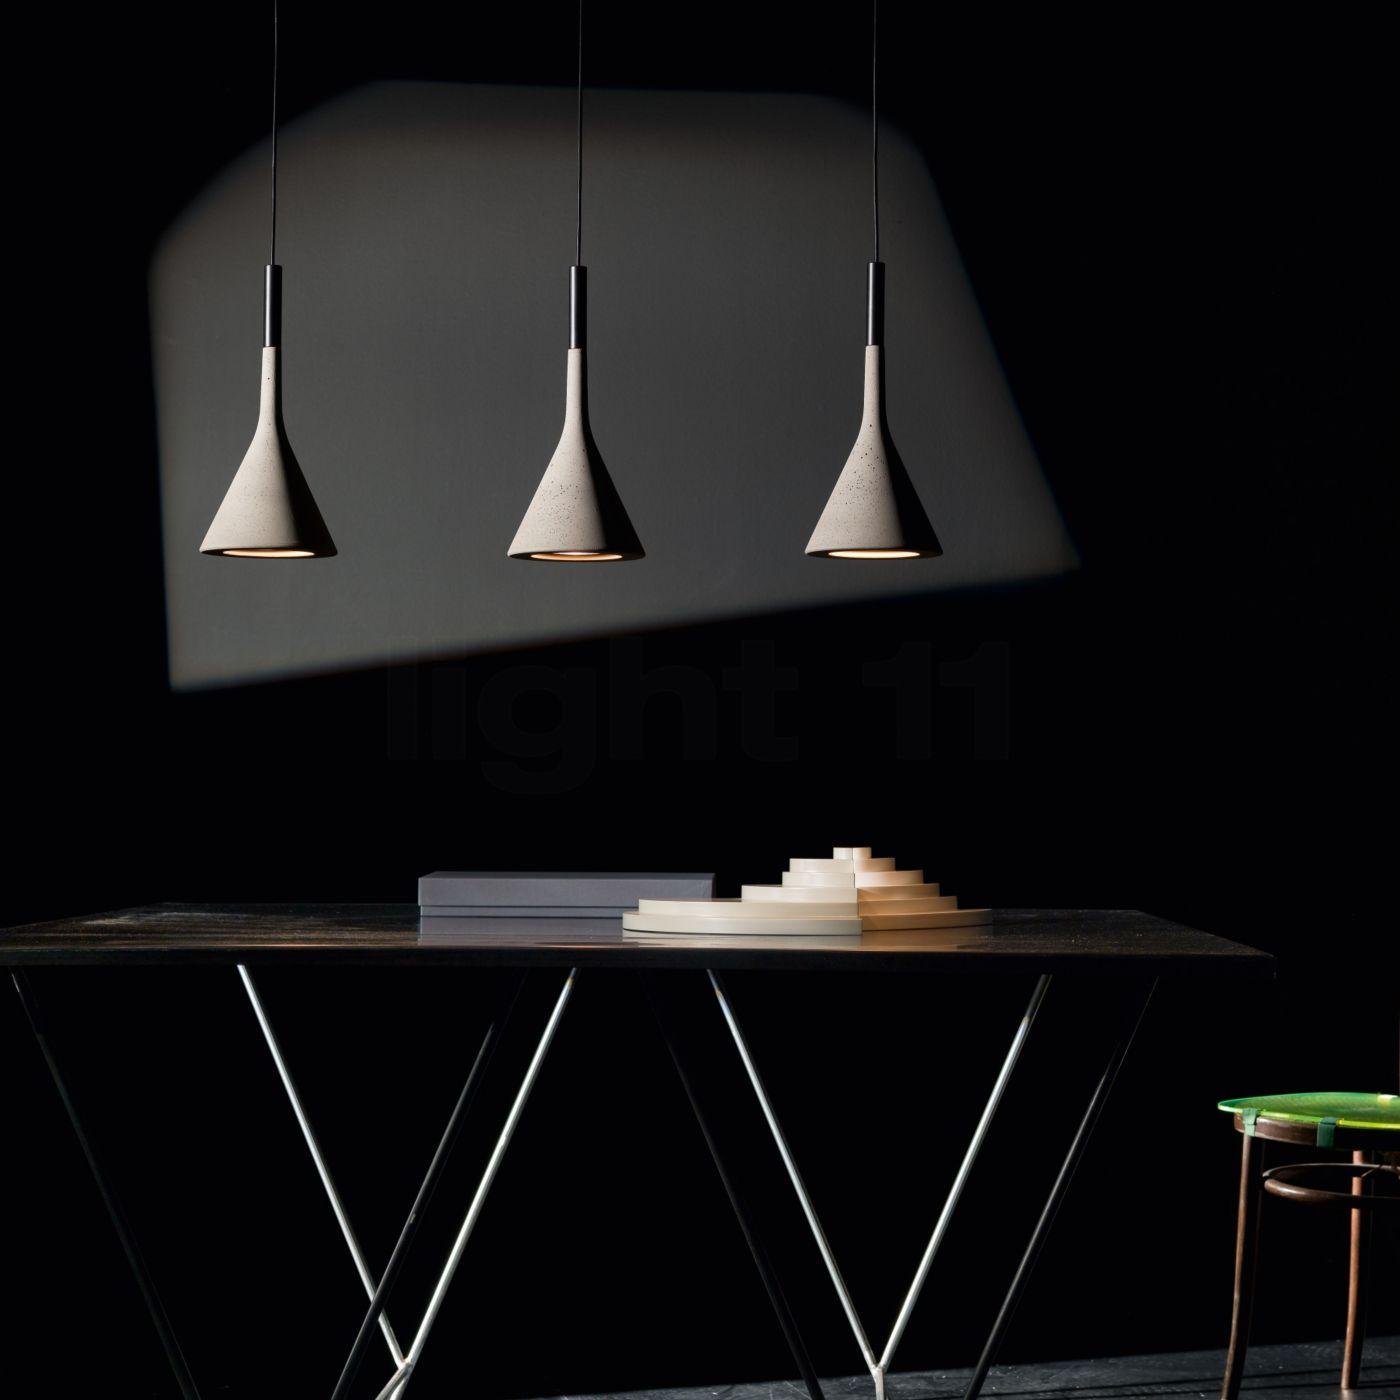 Malerisch Lampe 3 Flammig Foto Von Affordable With